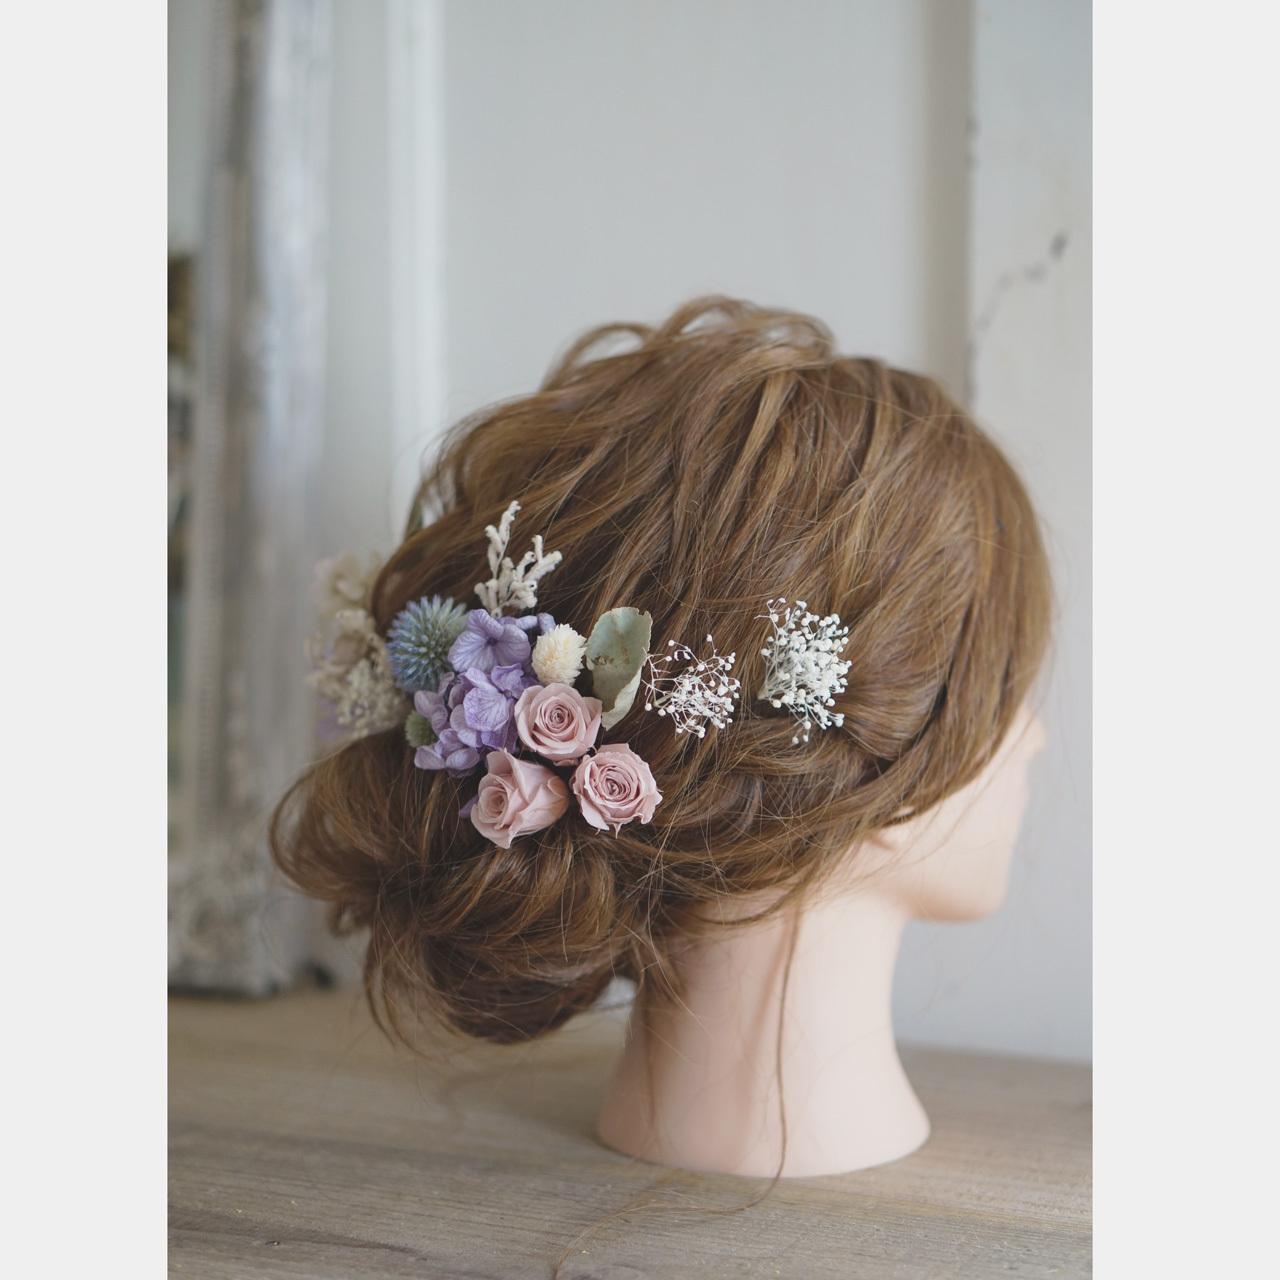 【ヘッドドレス】薄紫アジサイと白いカスミソウとルリタマアザミ